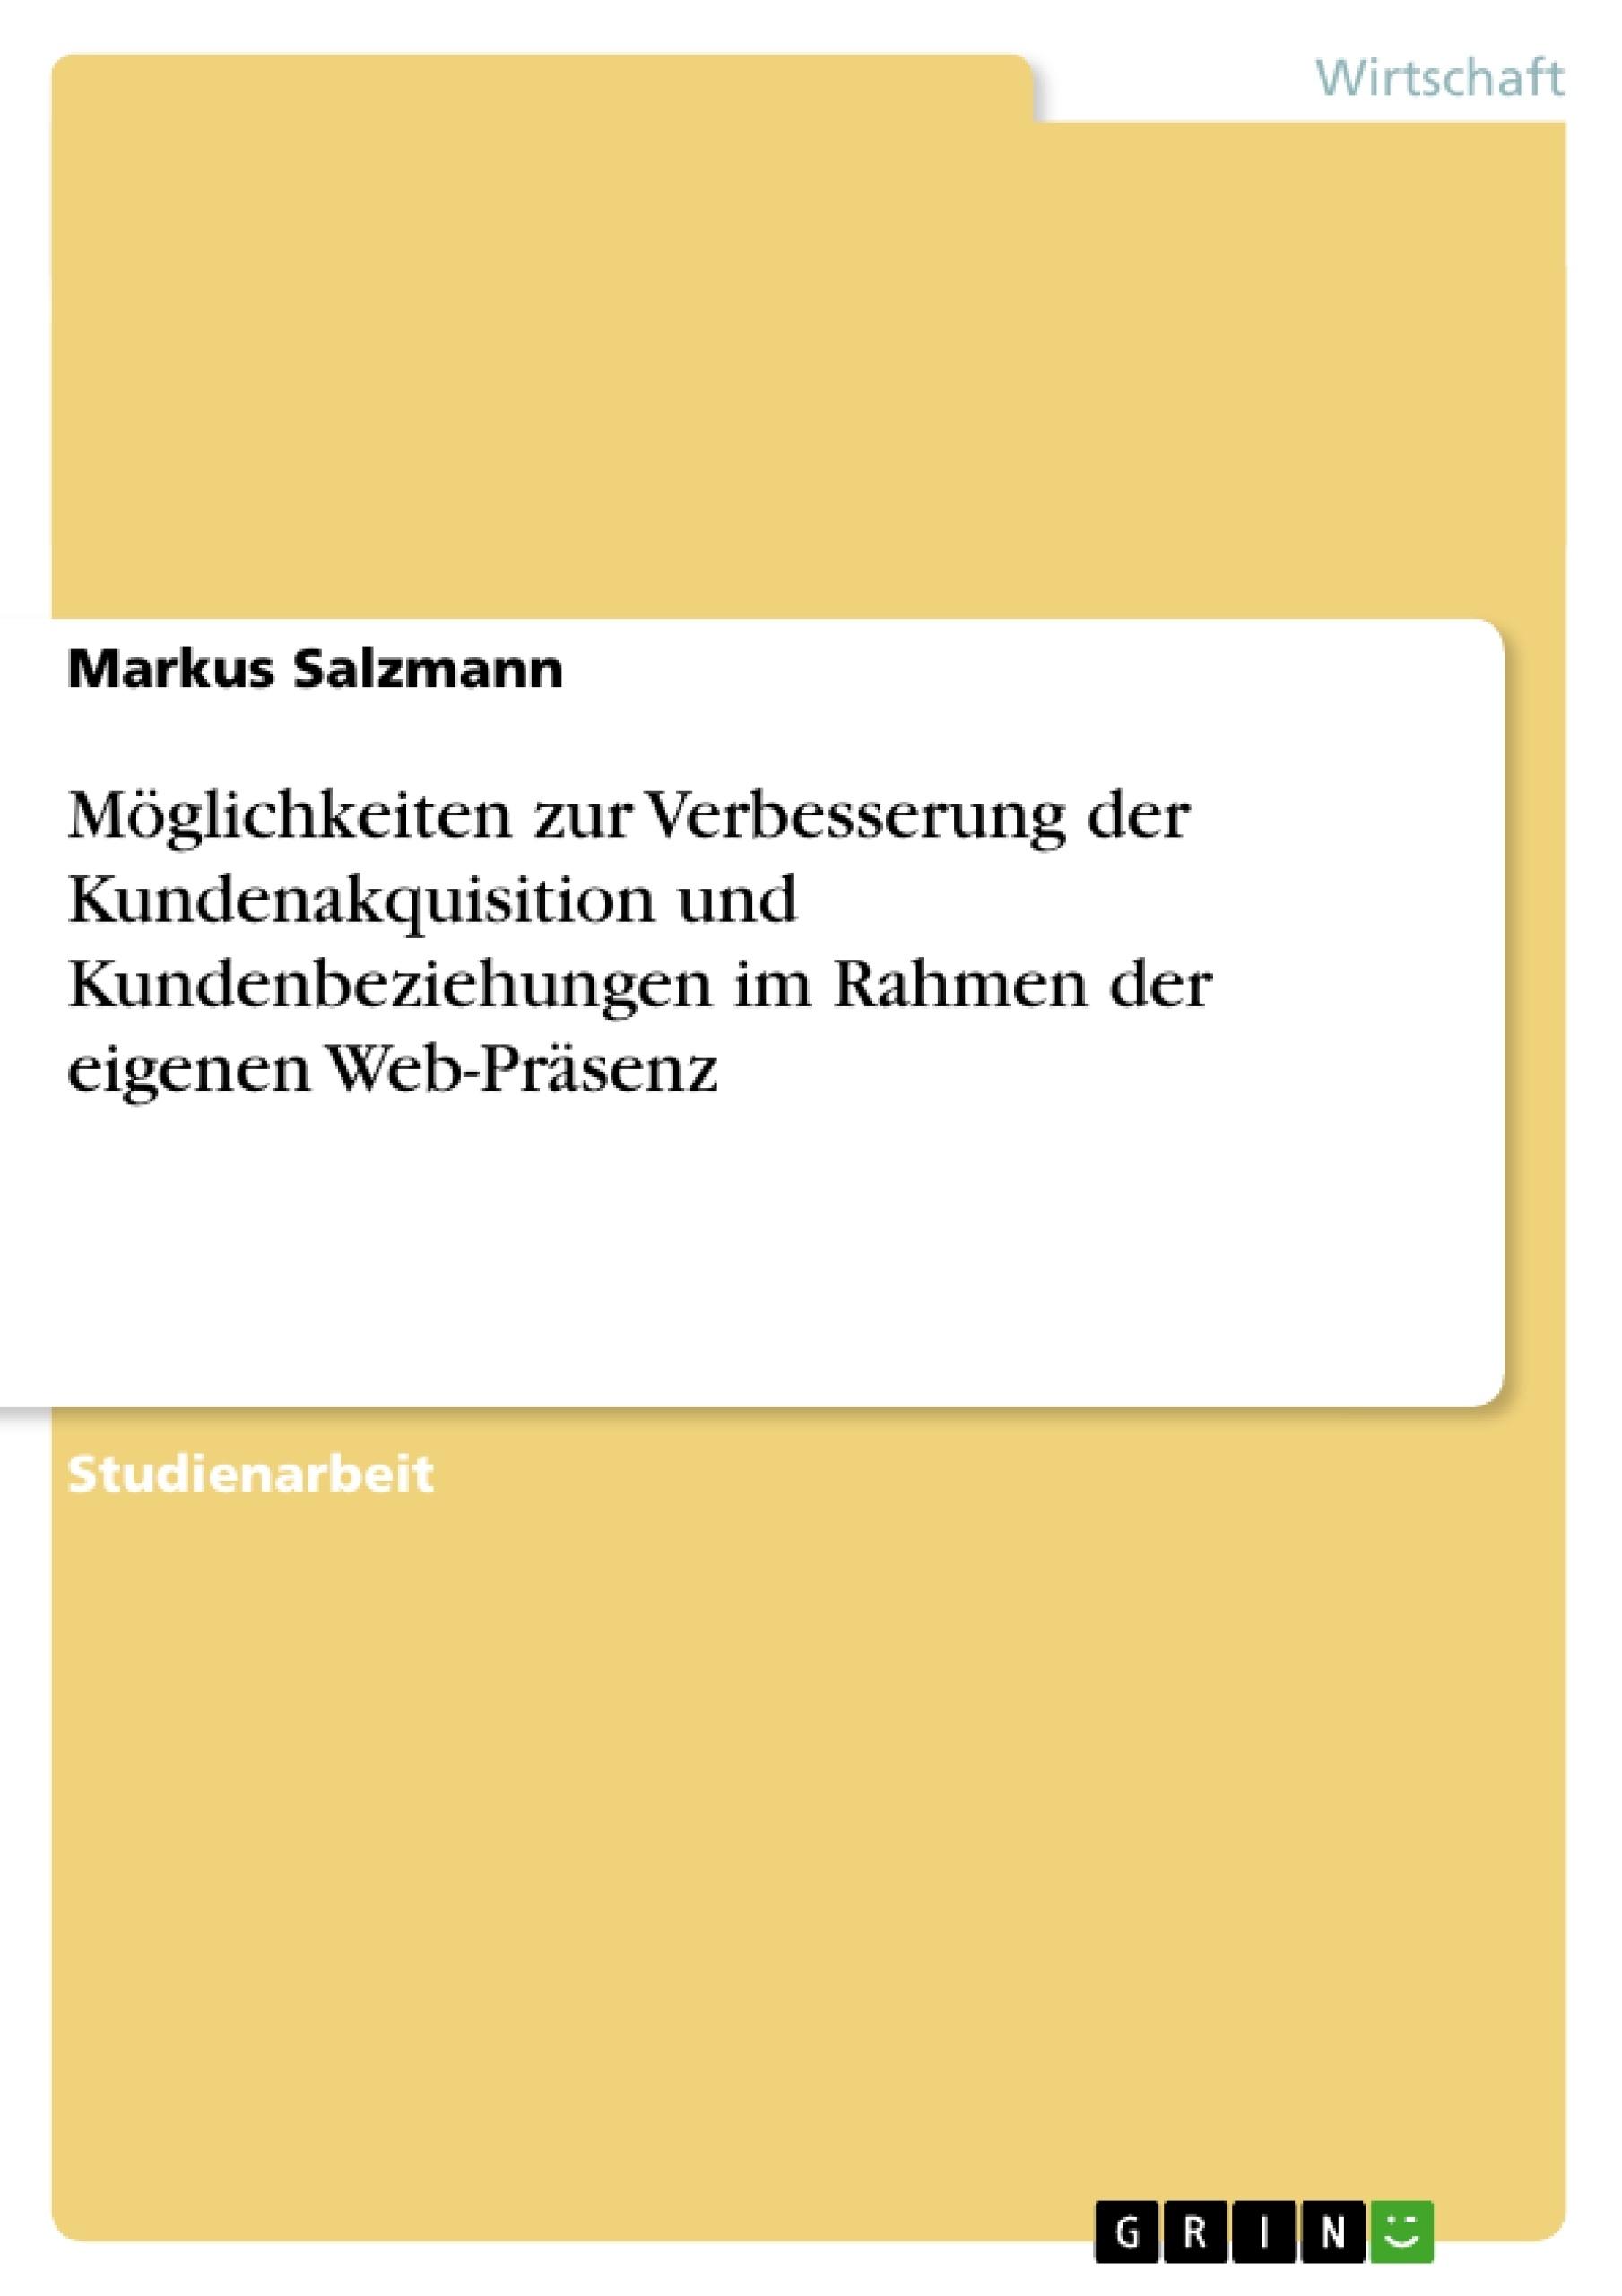 Titel: Möglichkeiten zur Verbesserung der Kundenakquisition und Kundenbeziehungen im Rahmen der eigenen Web-Präsenz